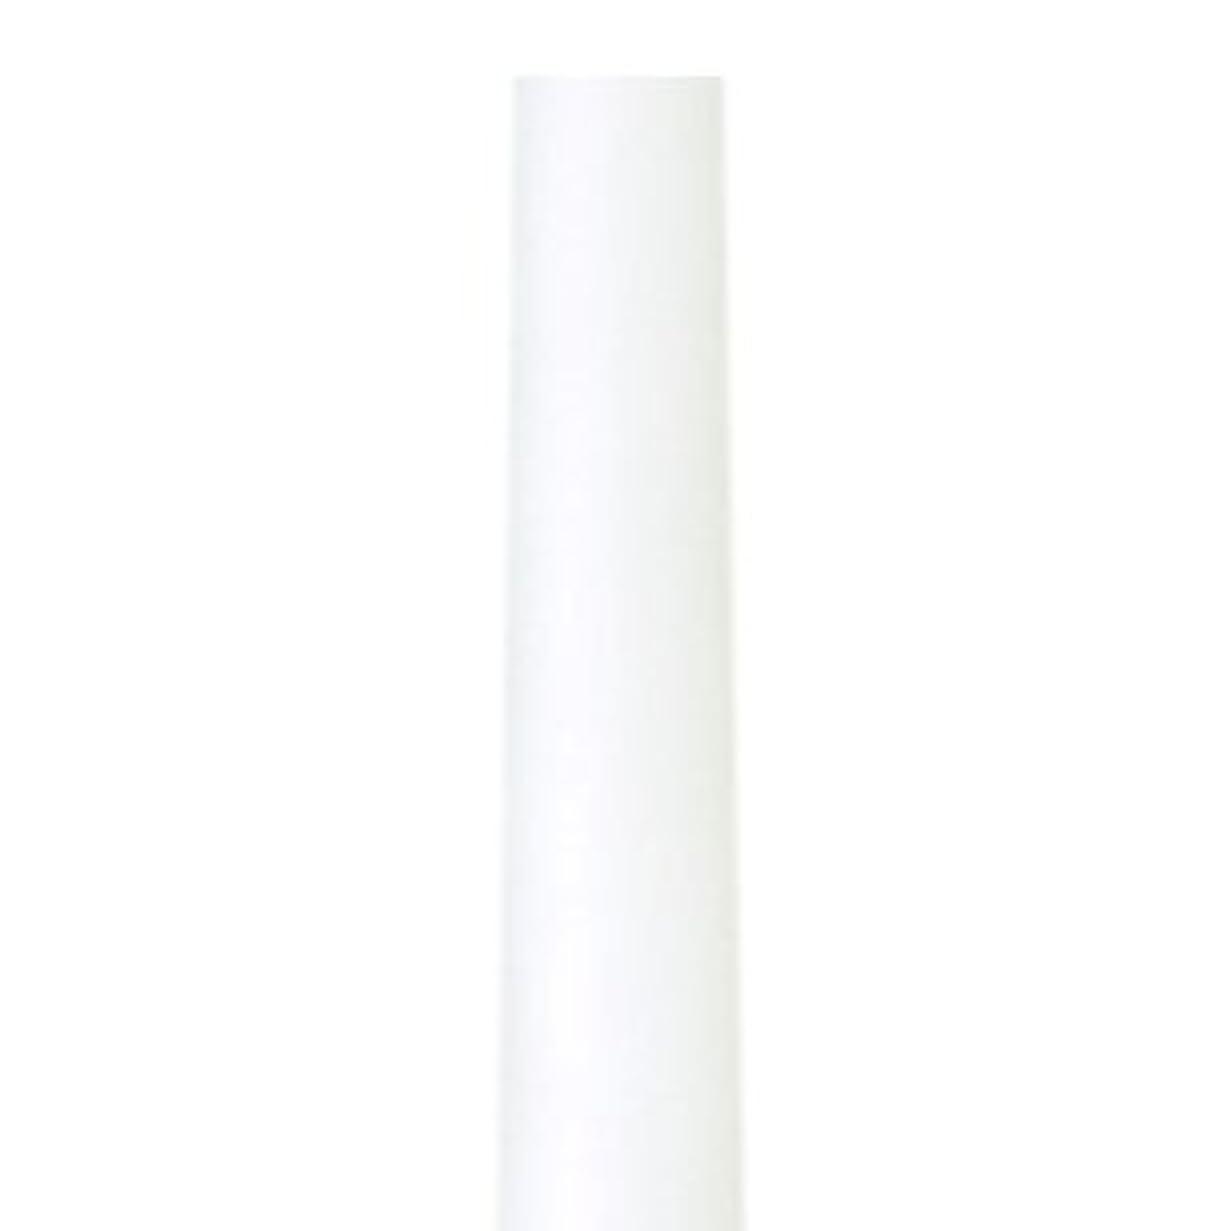 百万三十流産テーパーキャンドル クラッシー ホワイト 蝋燭